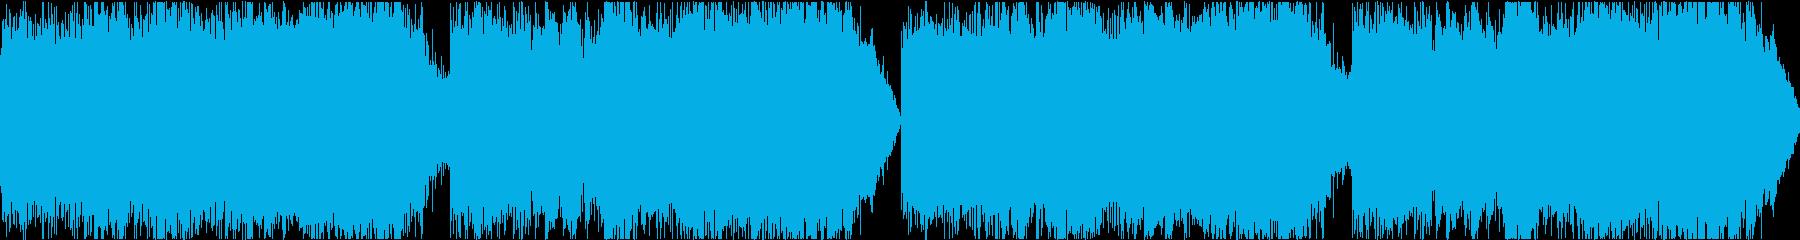 サイレン siren 警報 アラート10の再生済みの波形